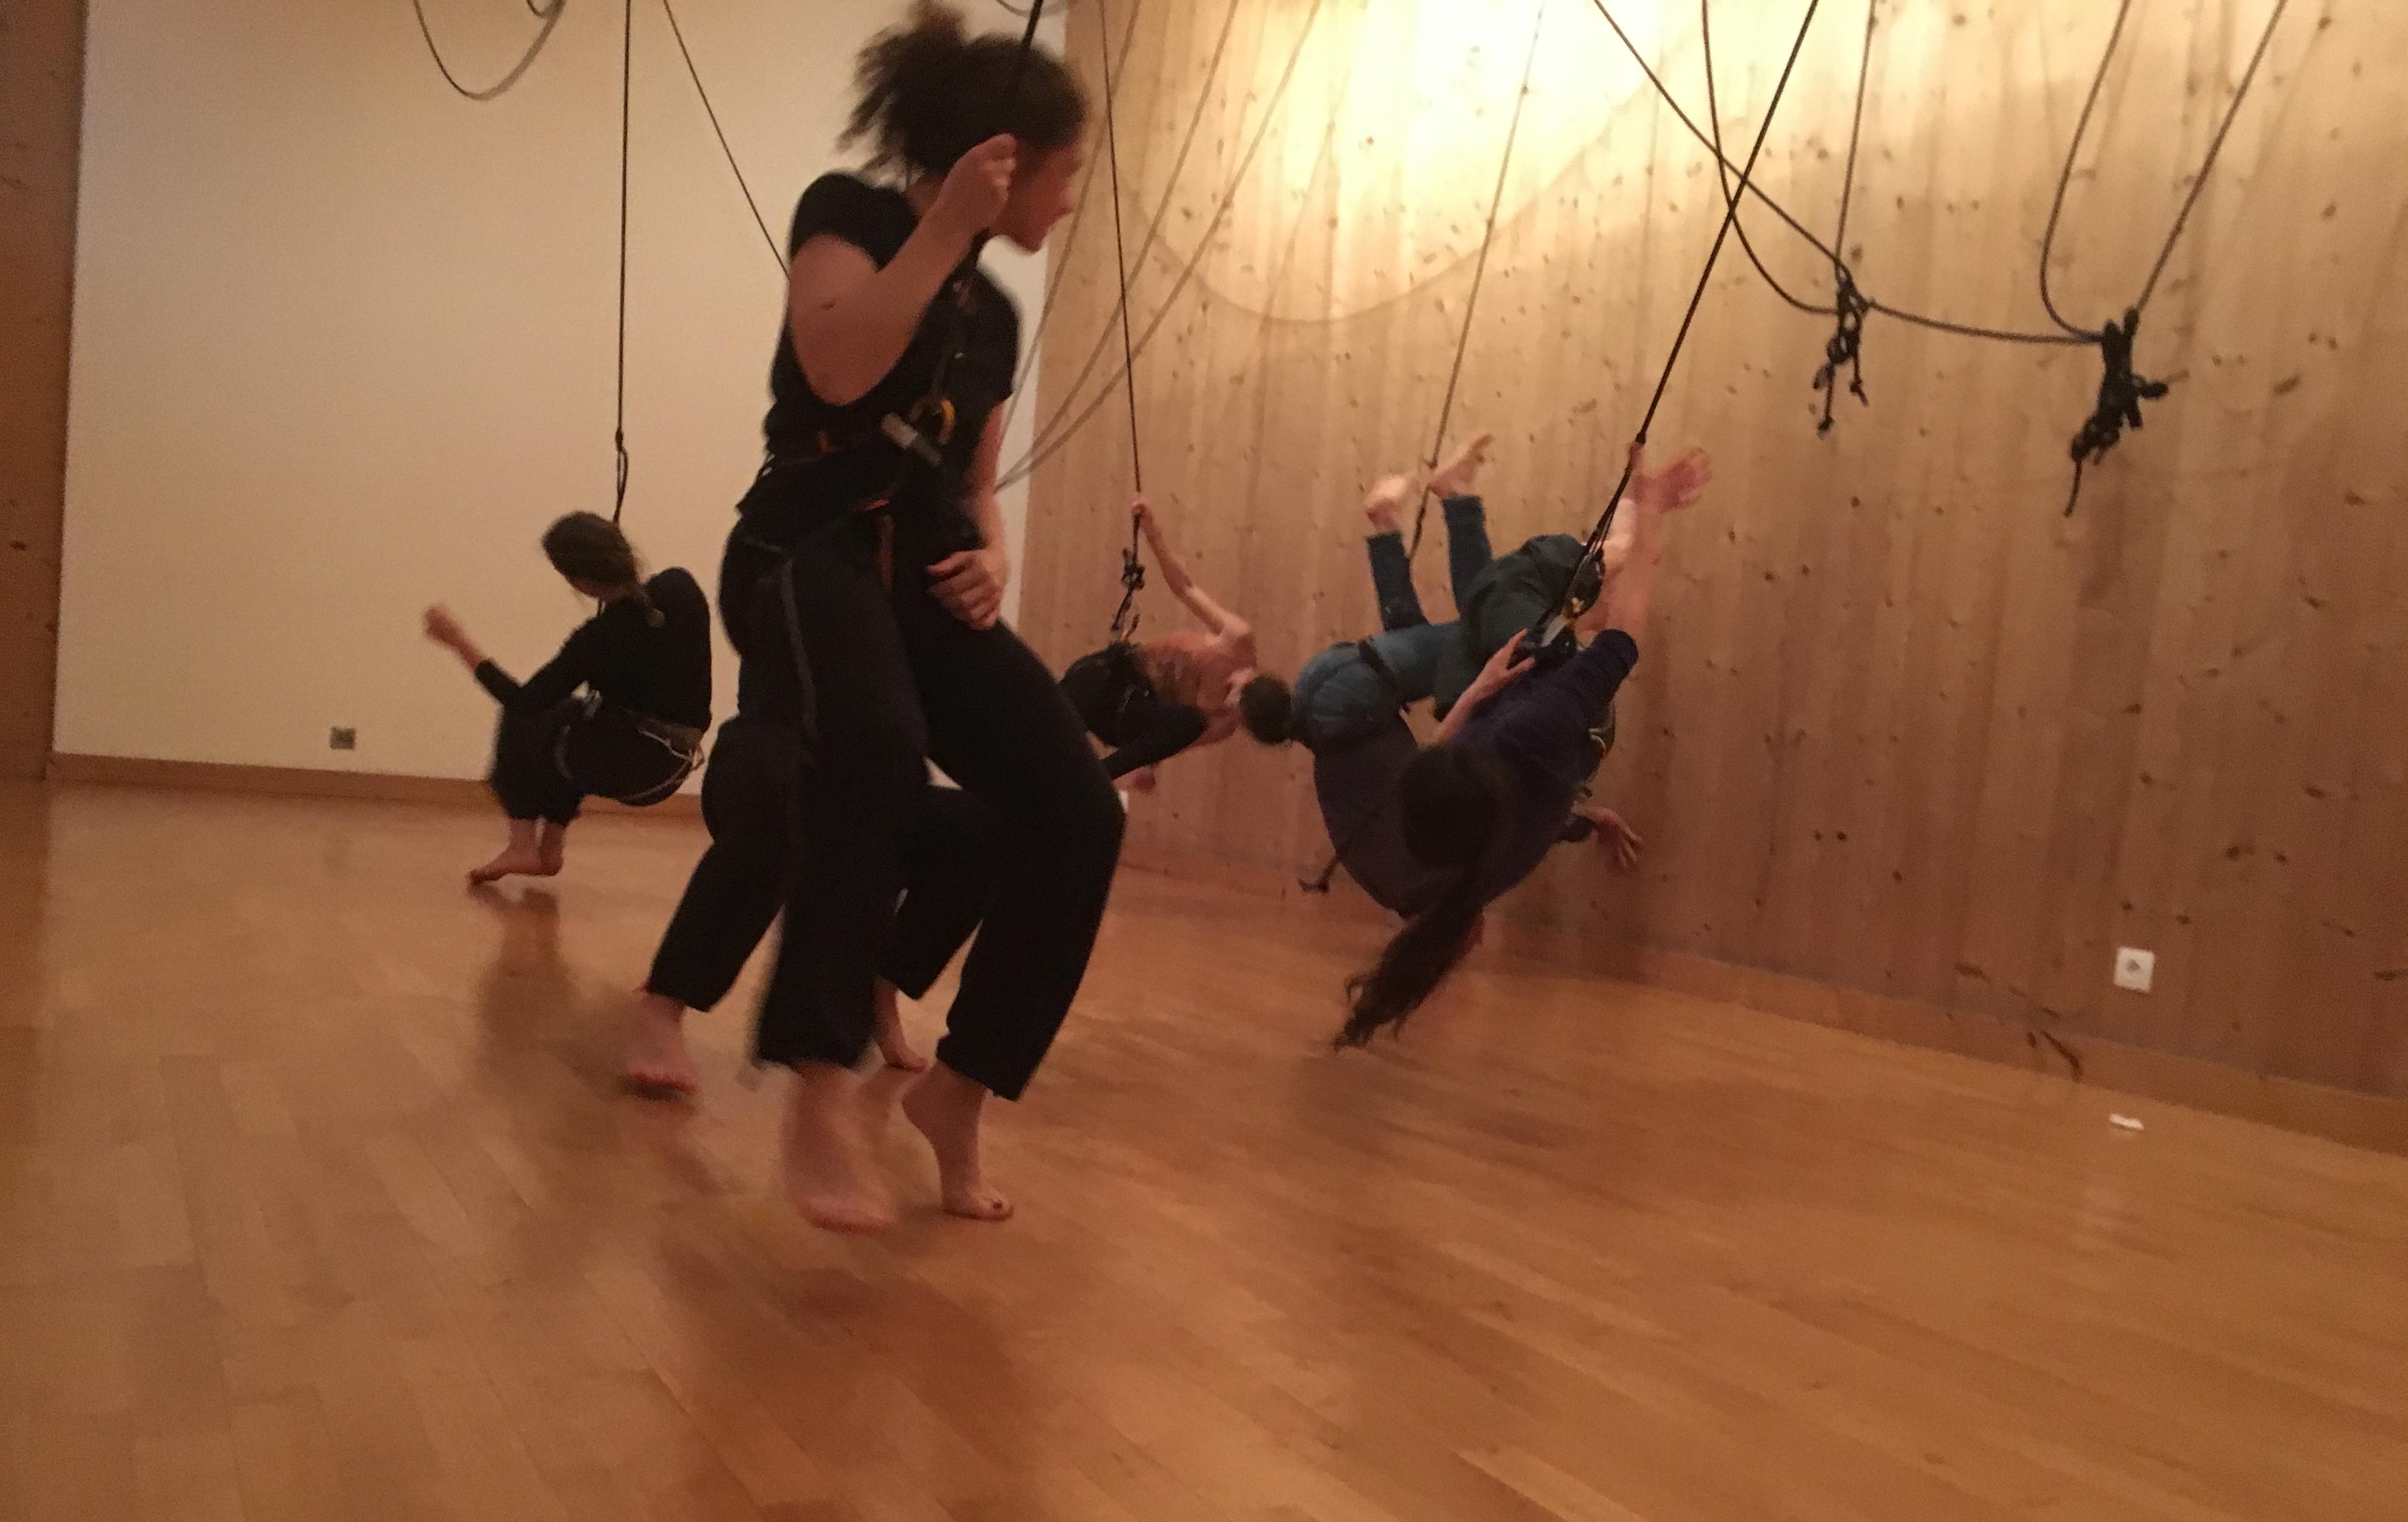 danse verticale découverte stage contemporaine escalade cirque stars arts de la rue espace publique retouramont compagnie fabrice guillot paris charenton